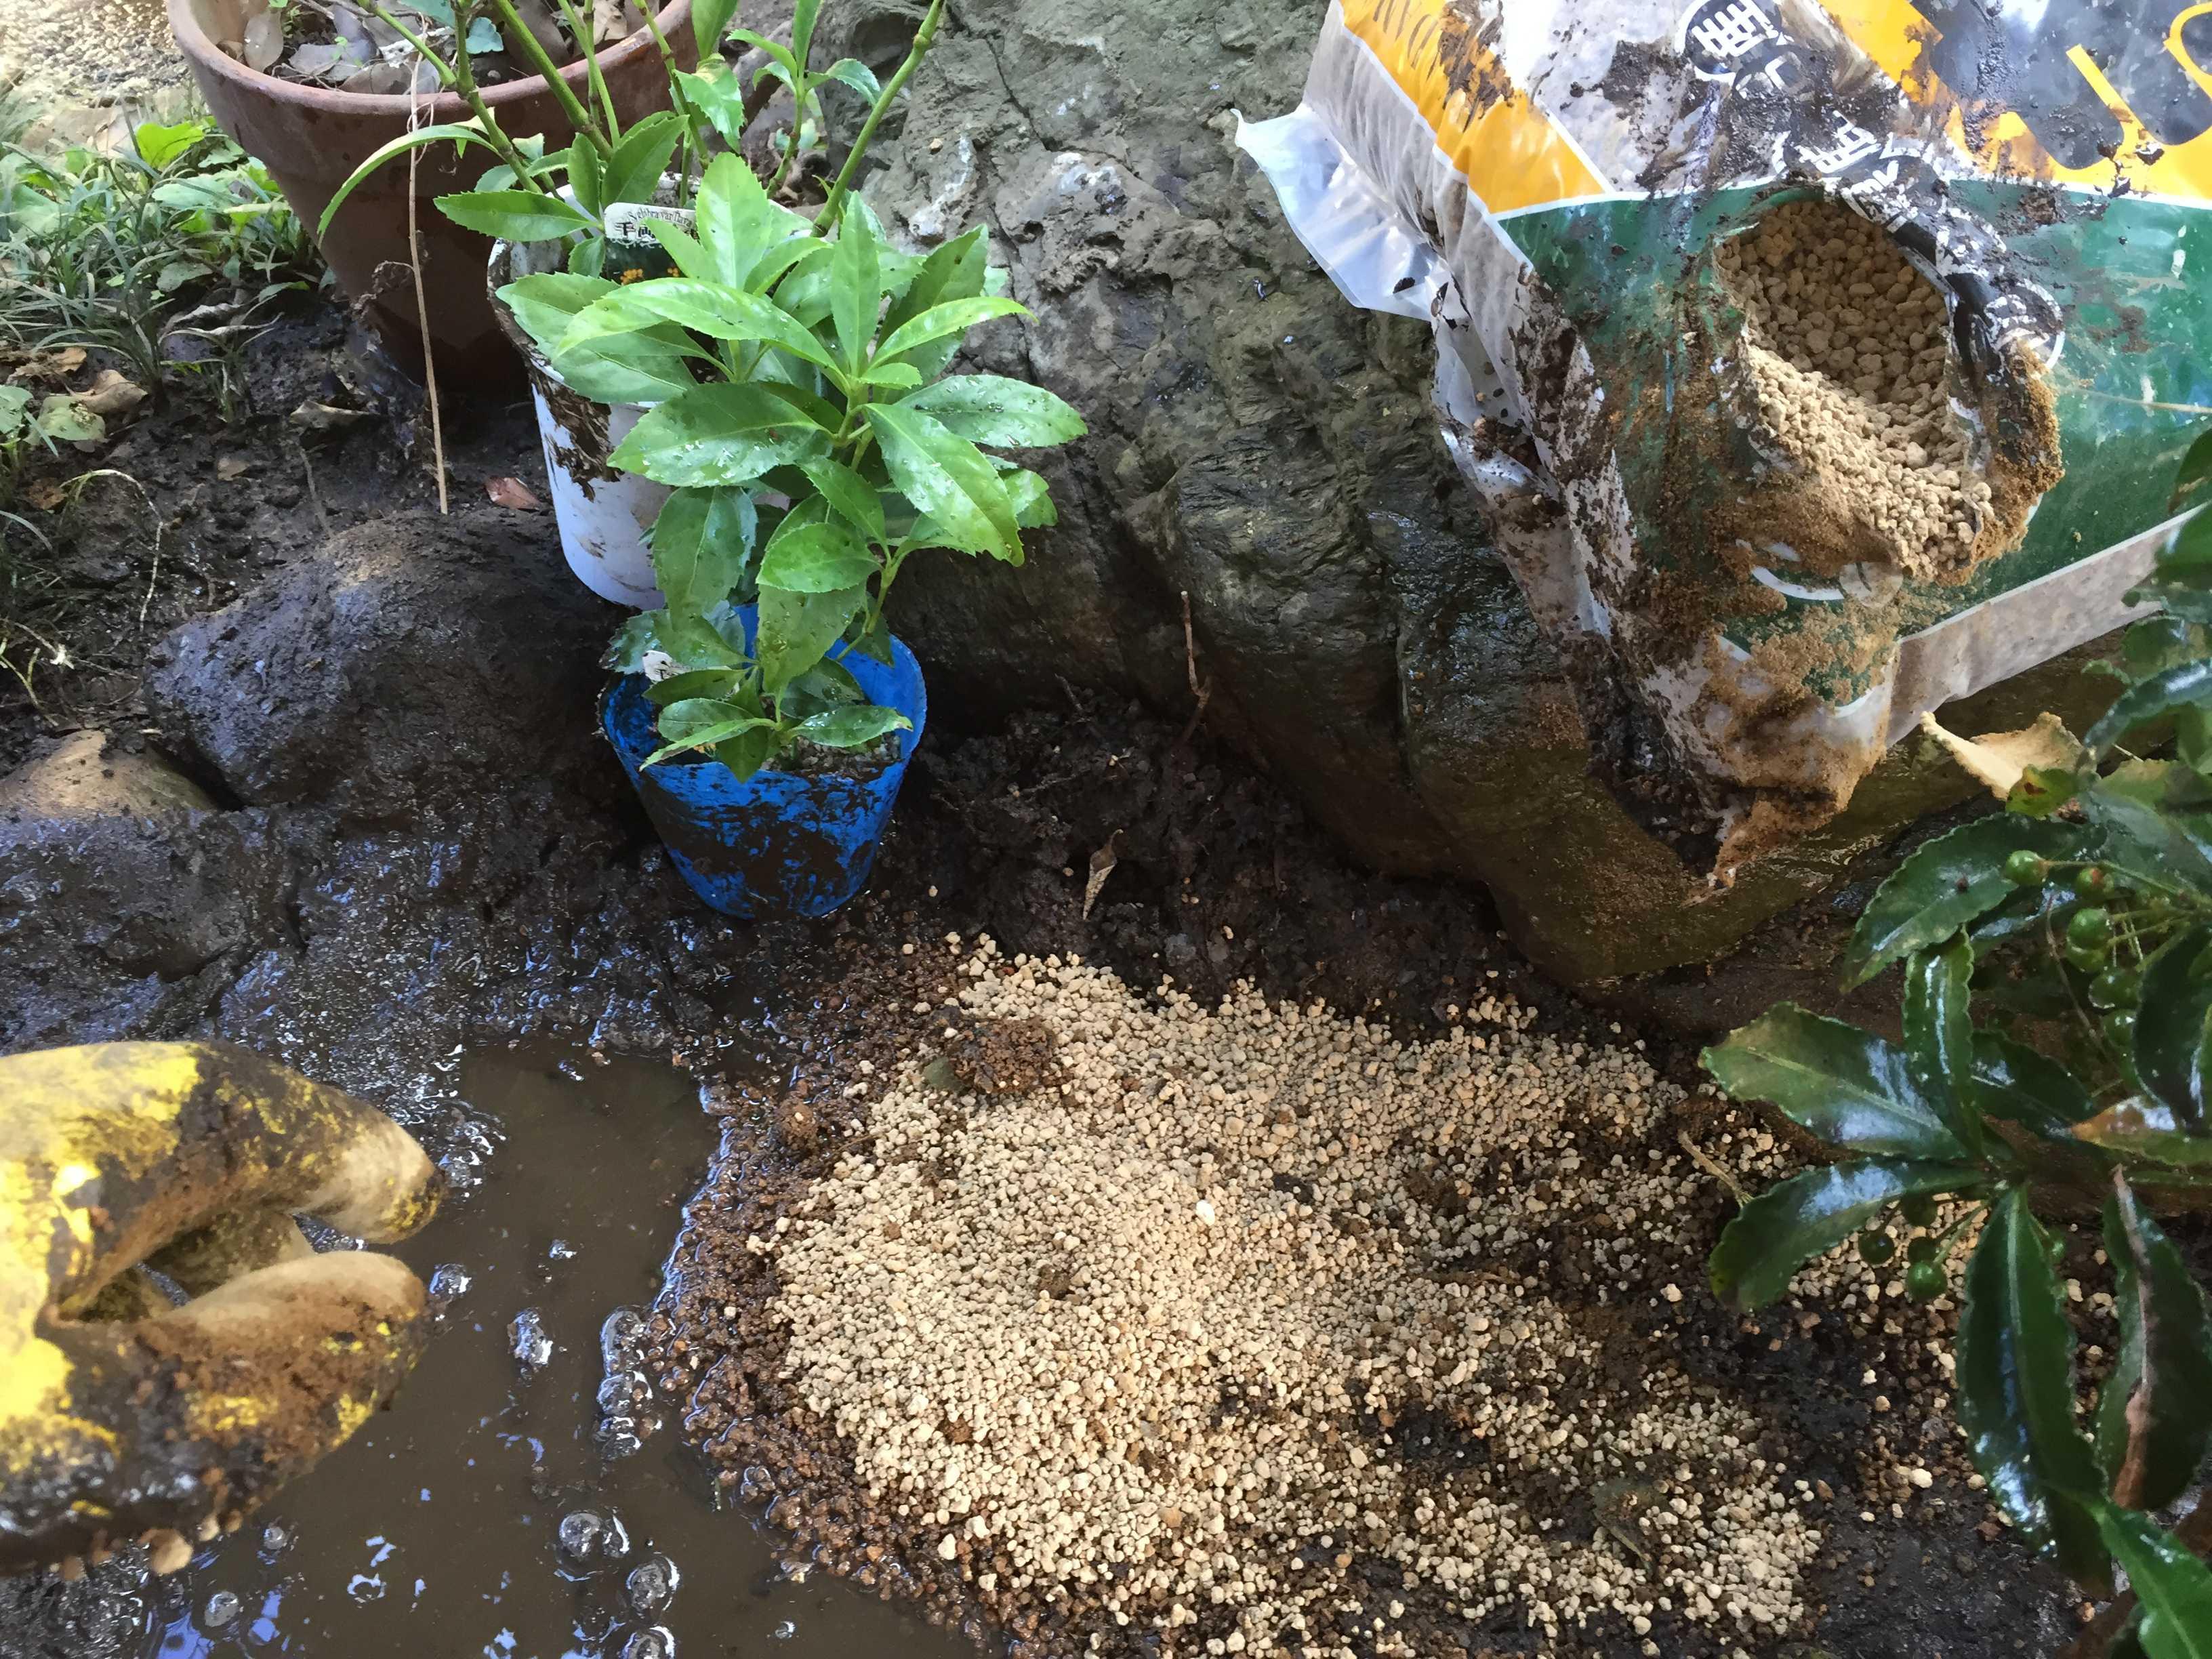 黄実の千両(キミノセンリョウ) の植え付け - 赤玉土(小粒)